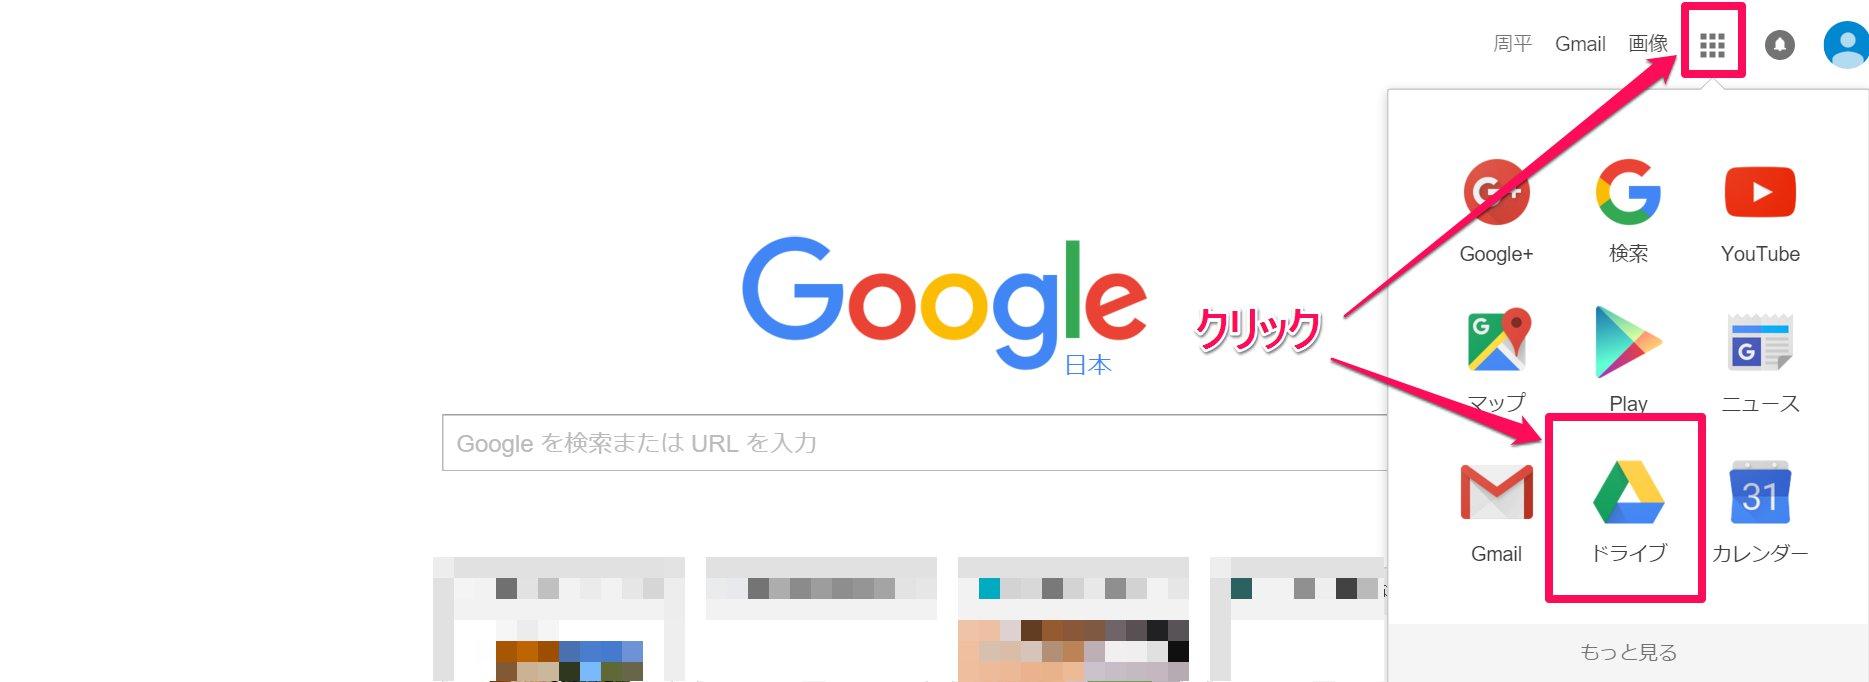 Googleドライブを使うと端末を選ばずに仕事をし易くなります。